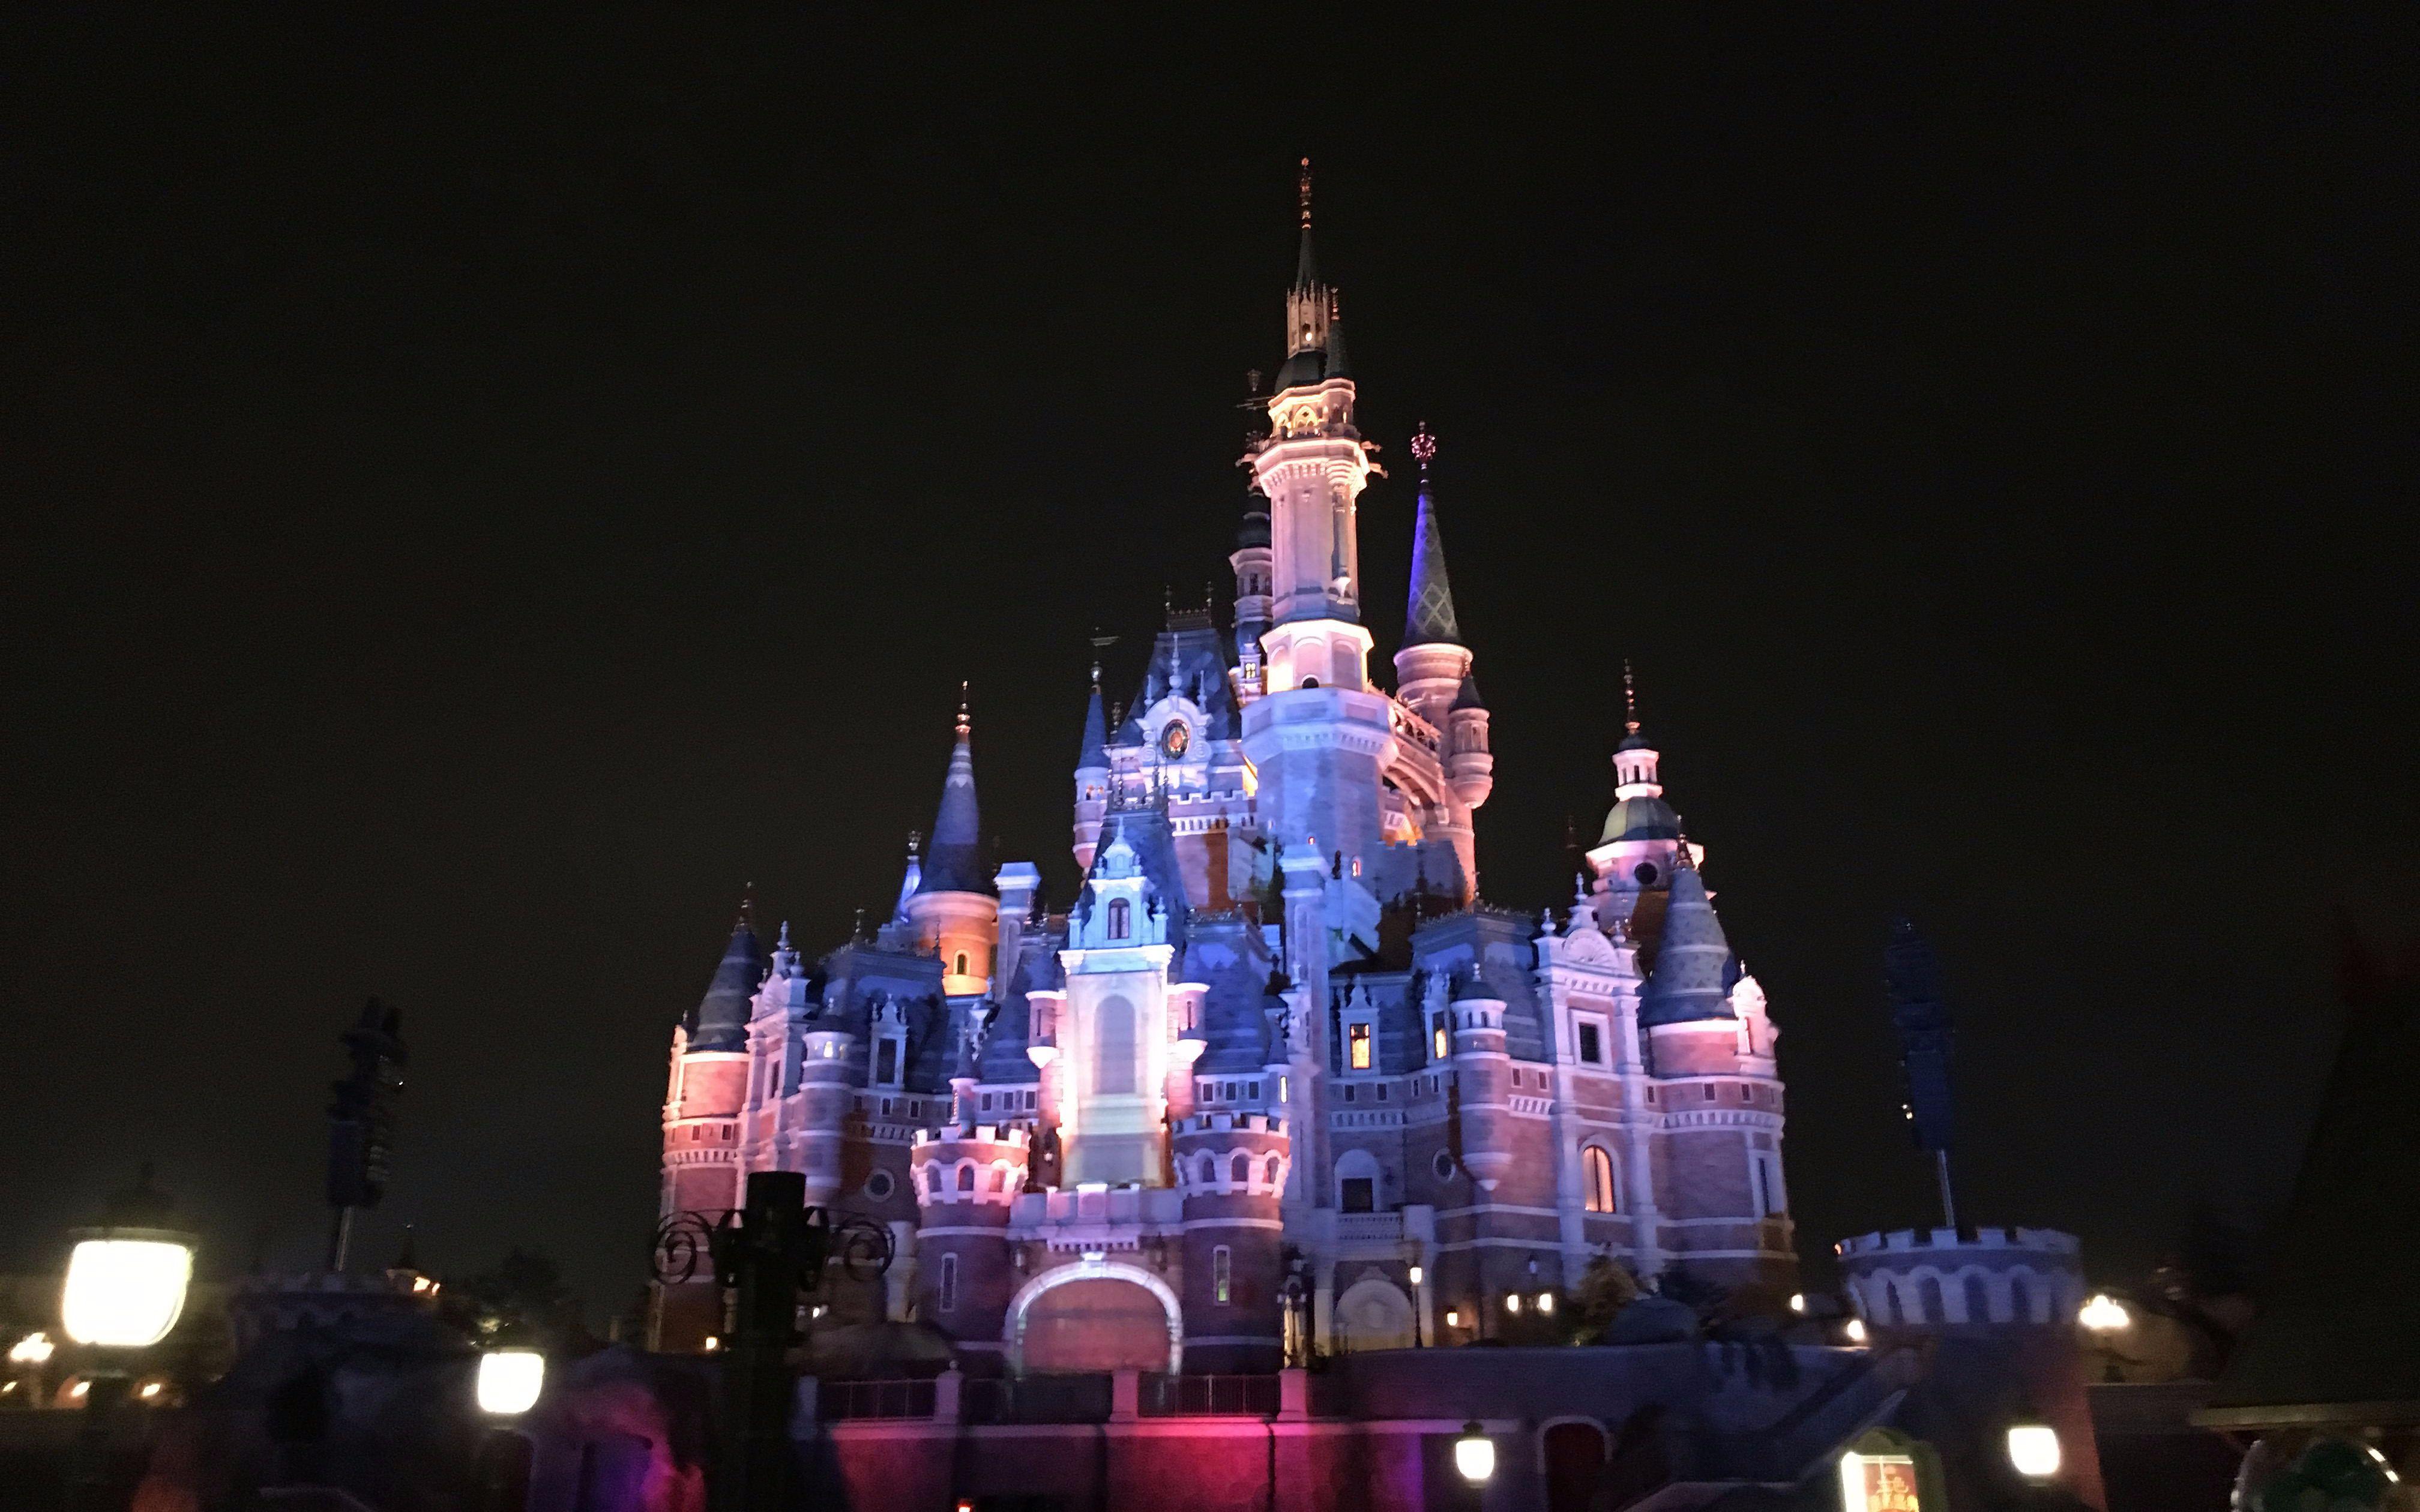 迪士尼乐园表演时间_【迪士尼乐园】上海迪士尼乐园-烟火表演_日常_生活_bilibili_哔哩 ...